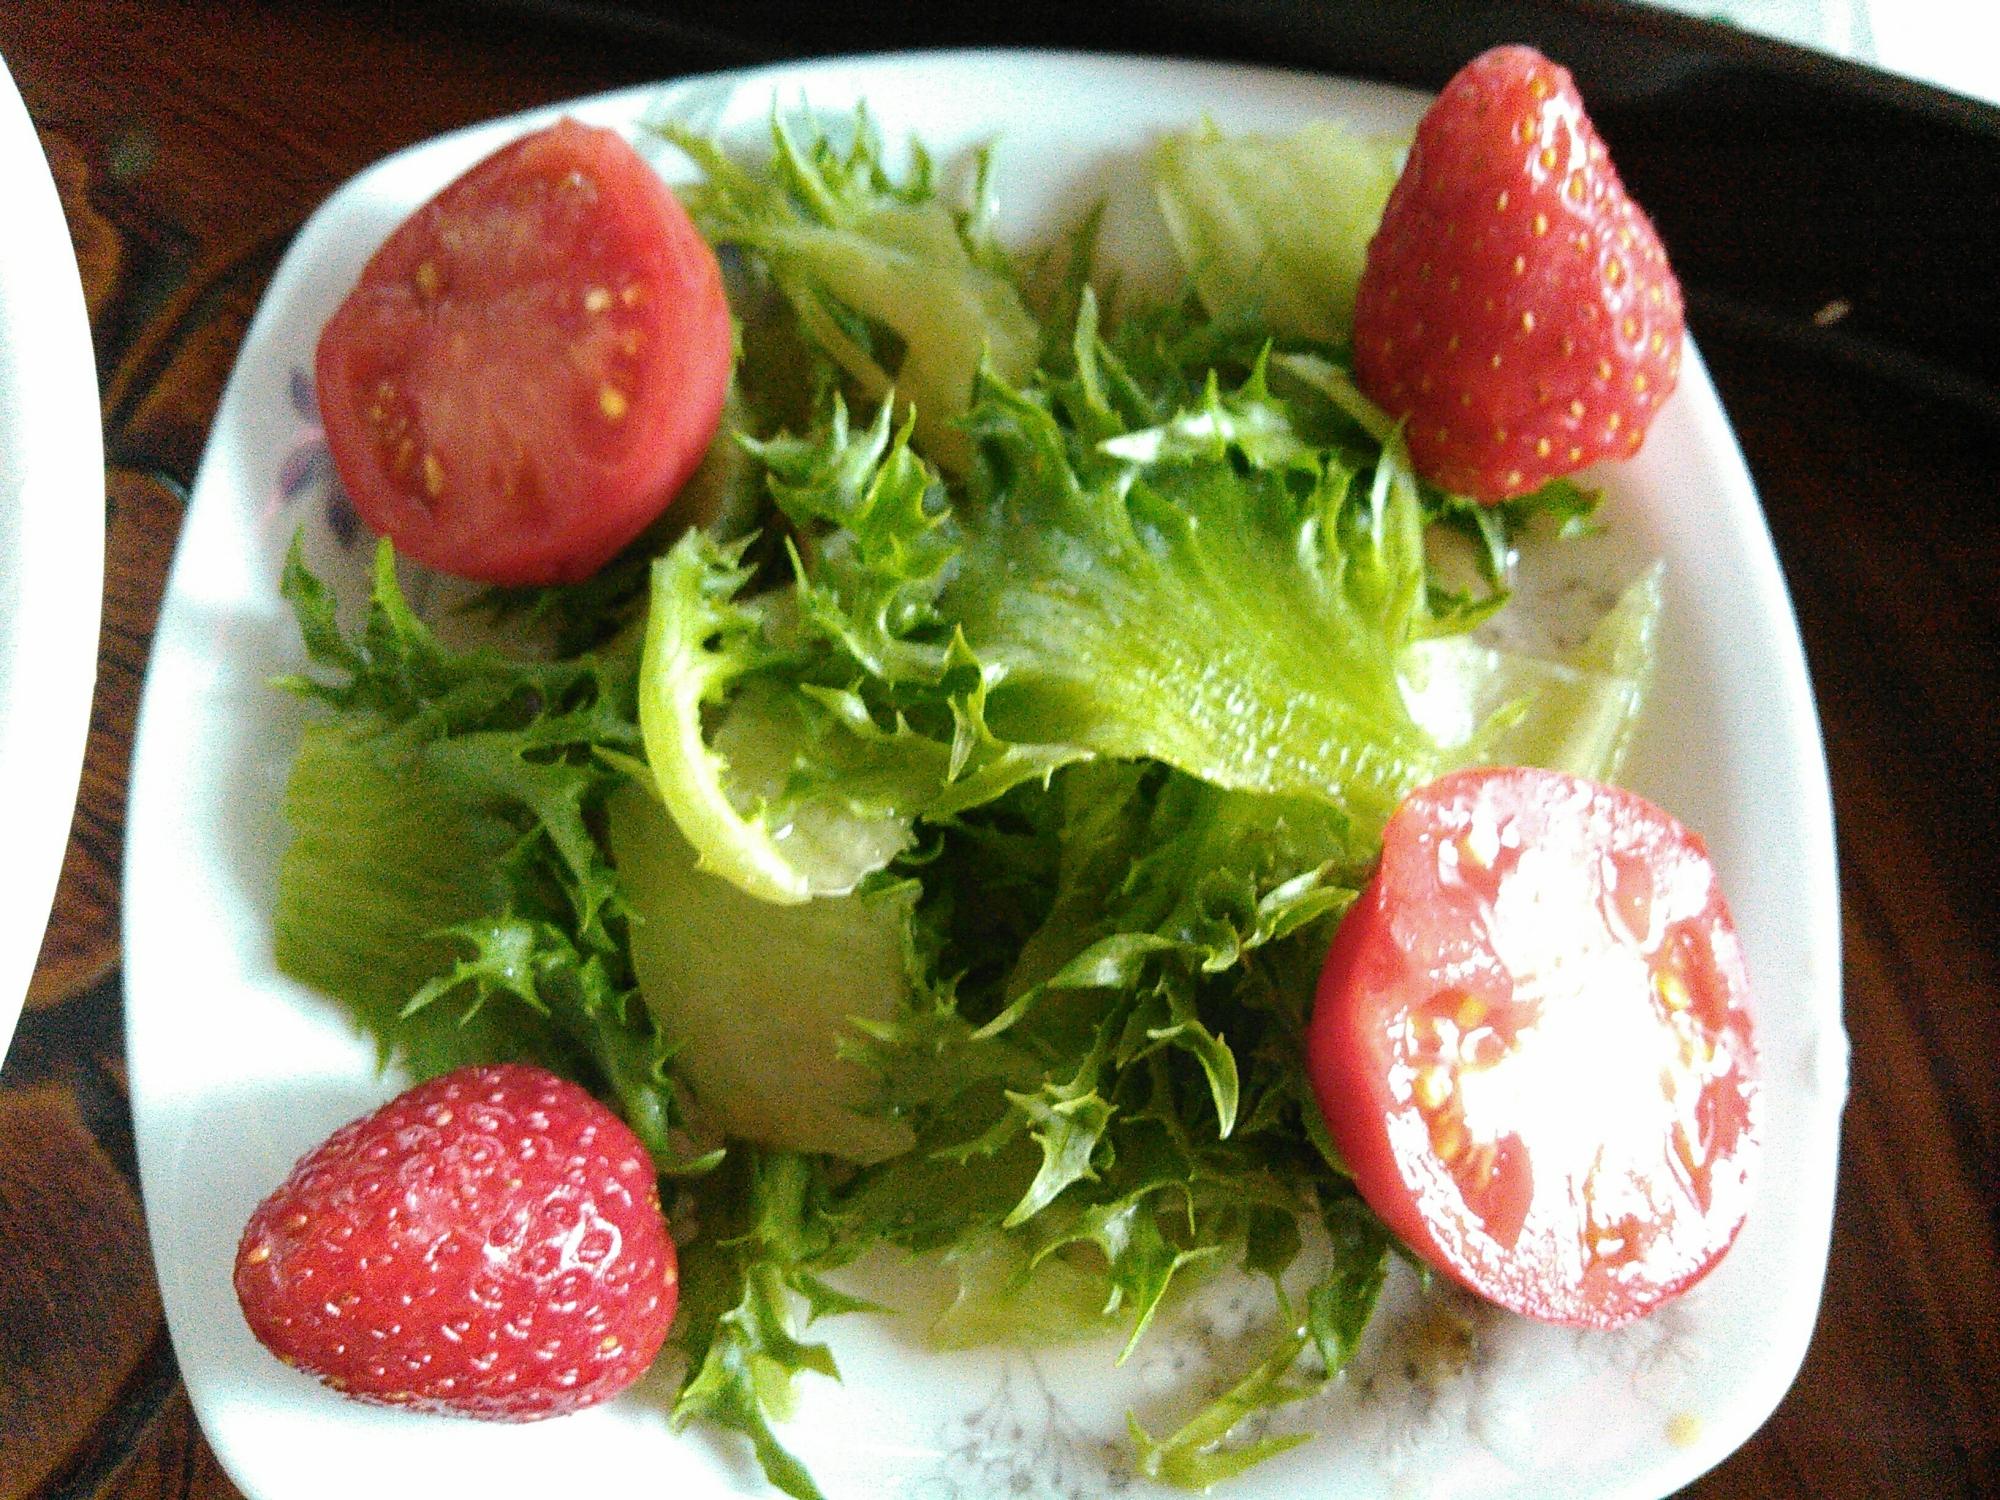 リーフレタスとミニトマトいちごのサラダ